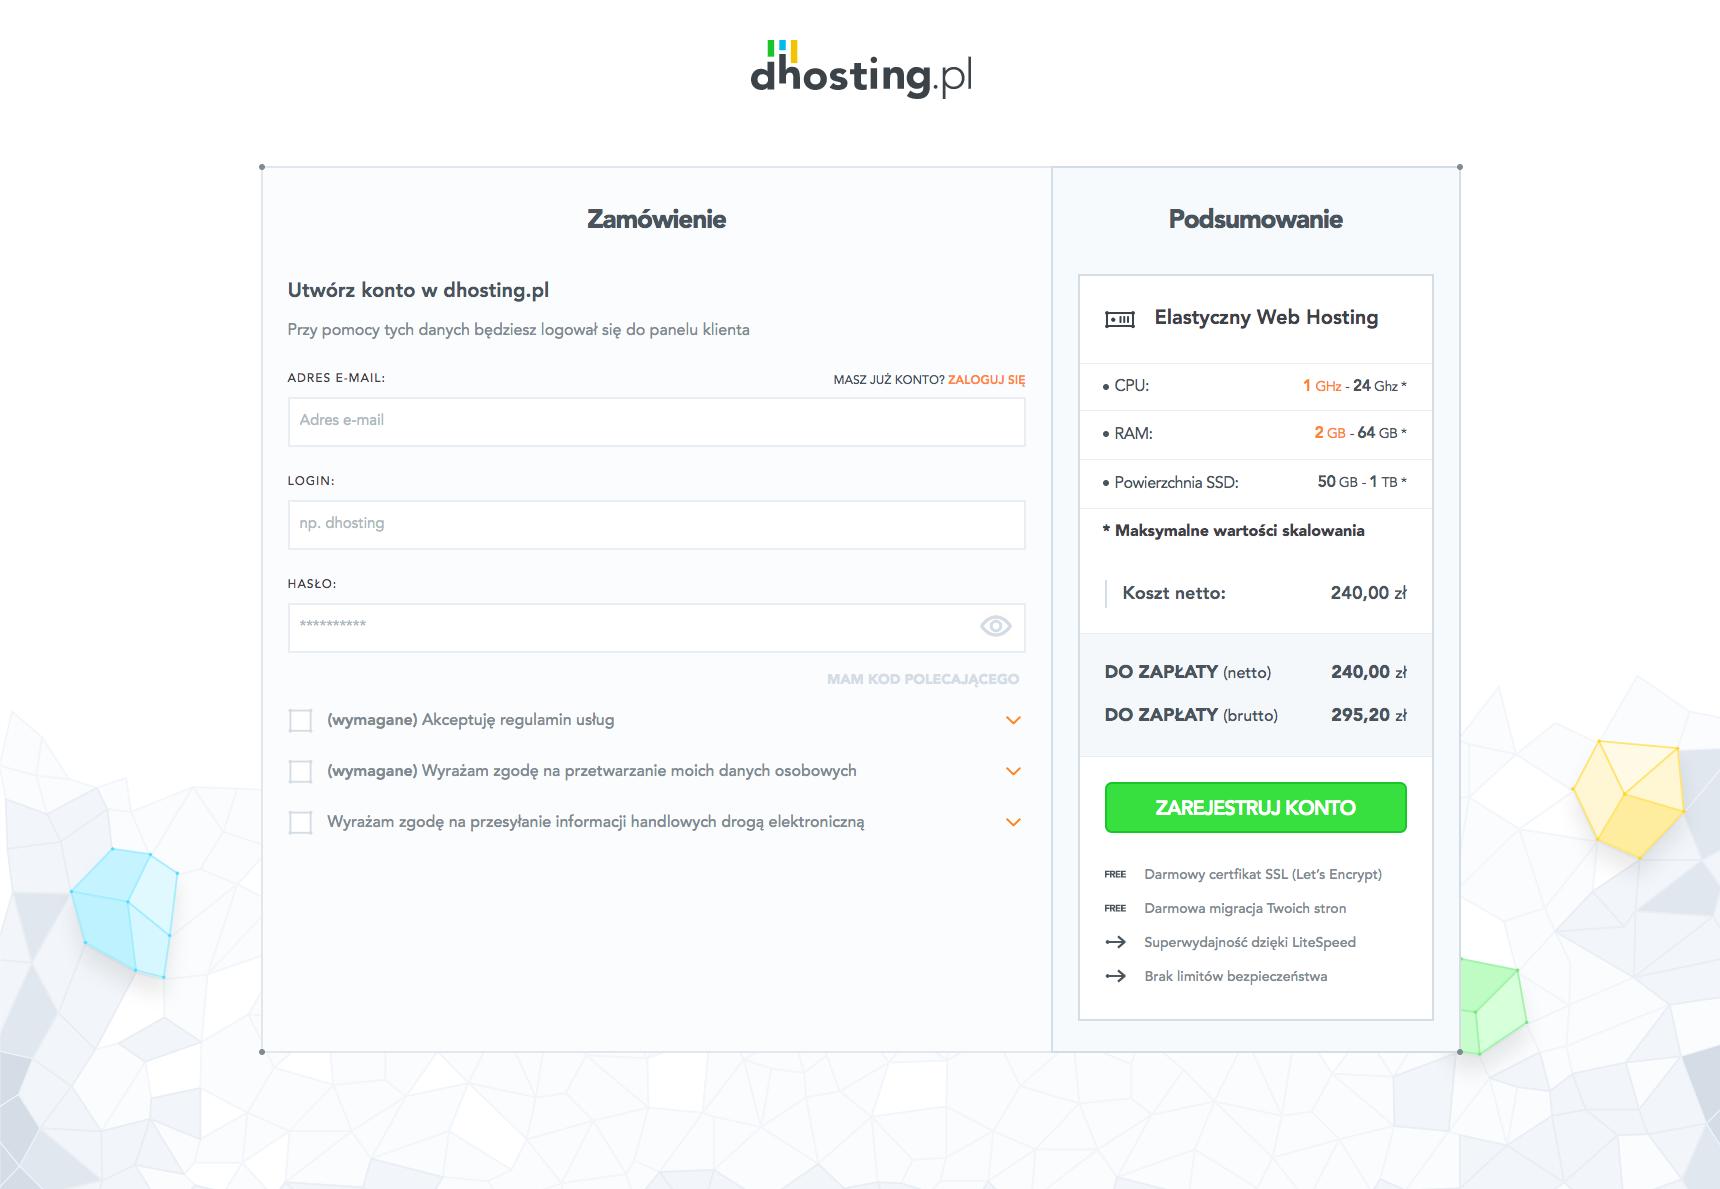 finalizuj rejestrację w dhosting.pl